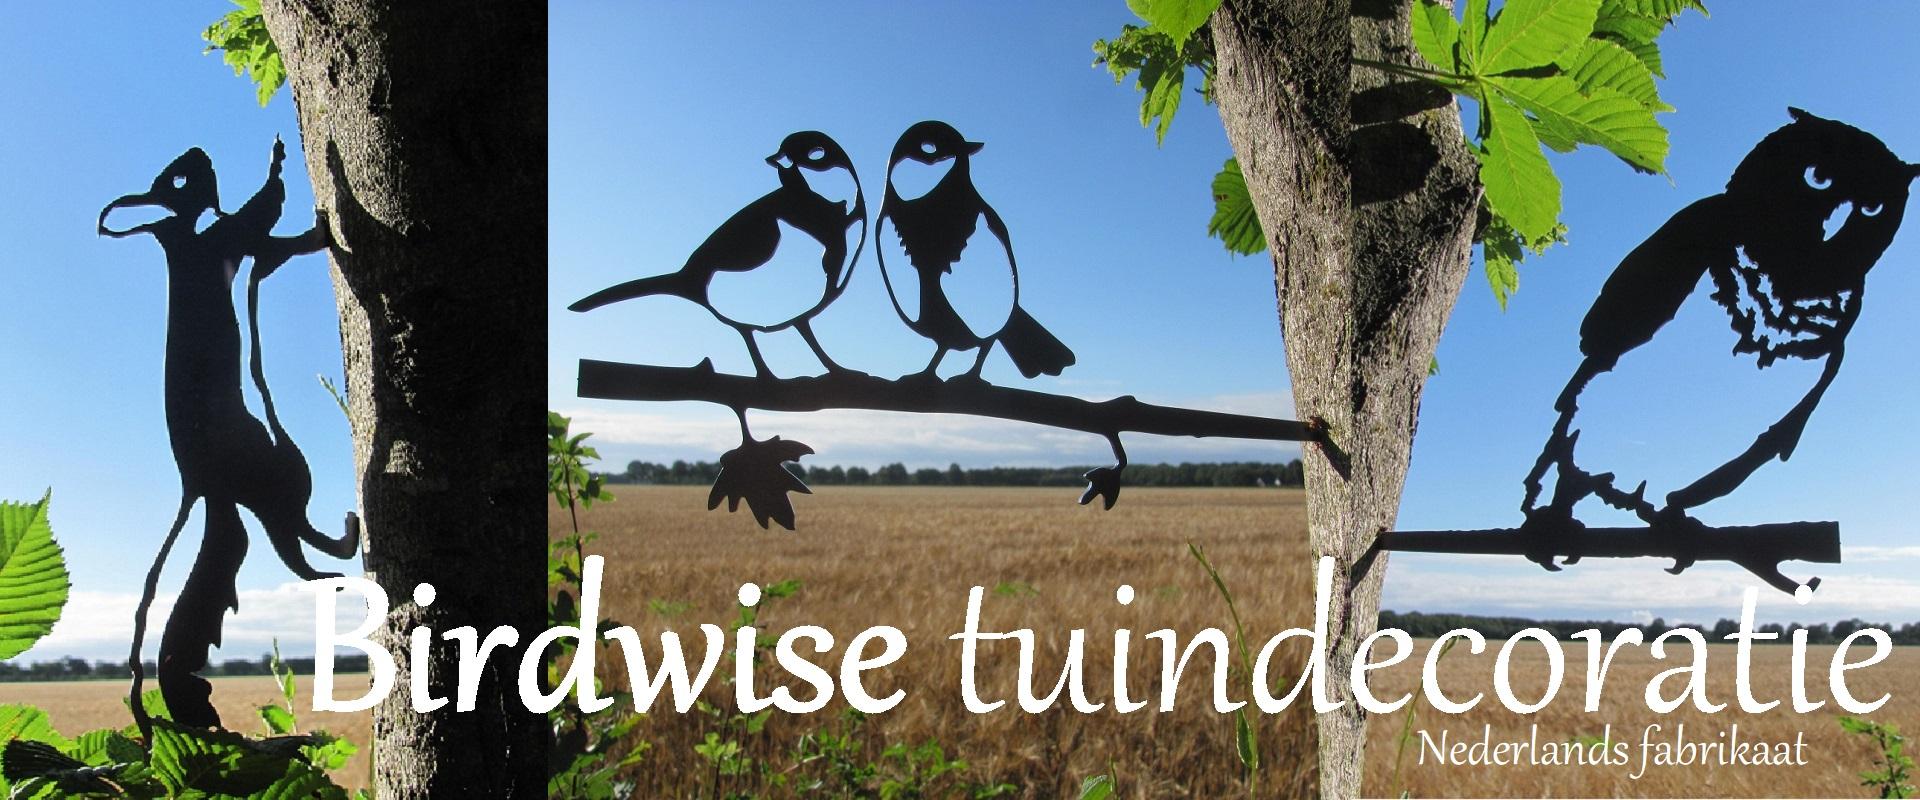 Voorbeelden van Birdwise metalen tuindecoratie